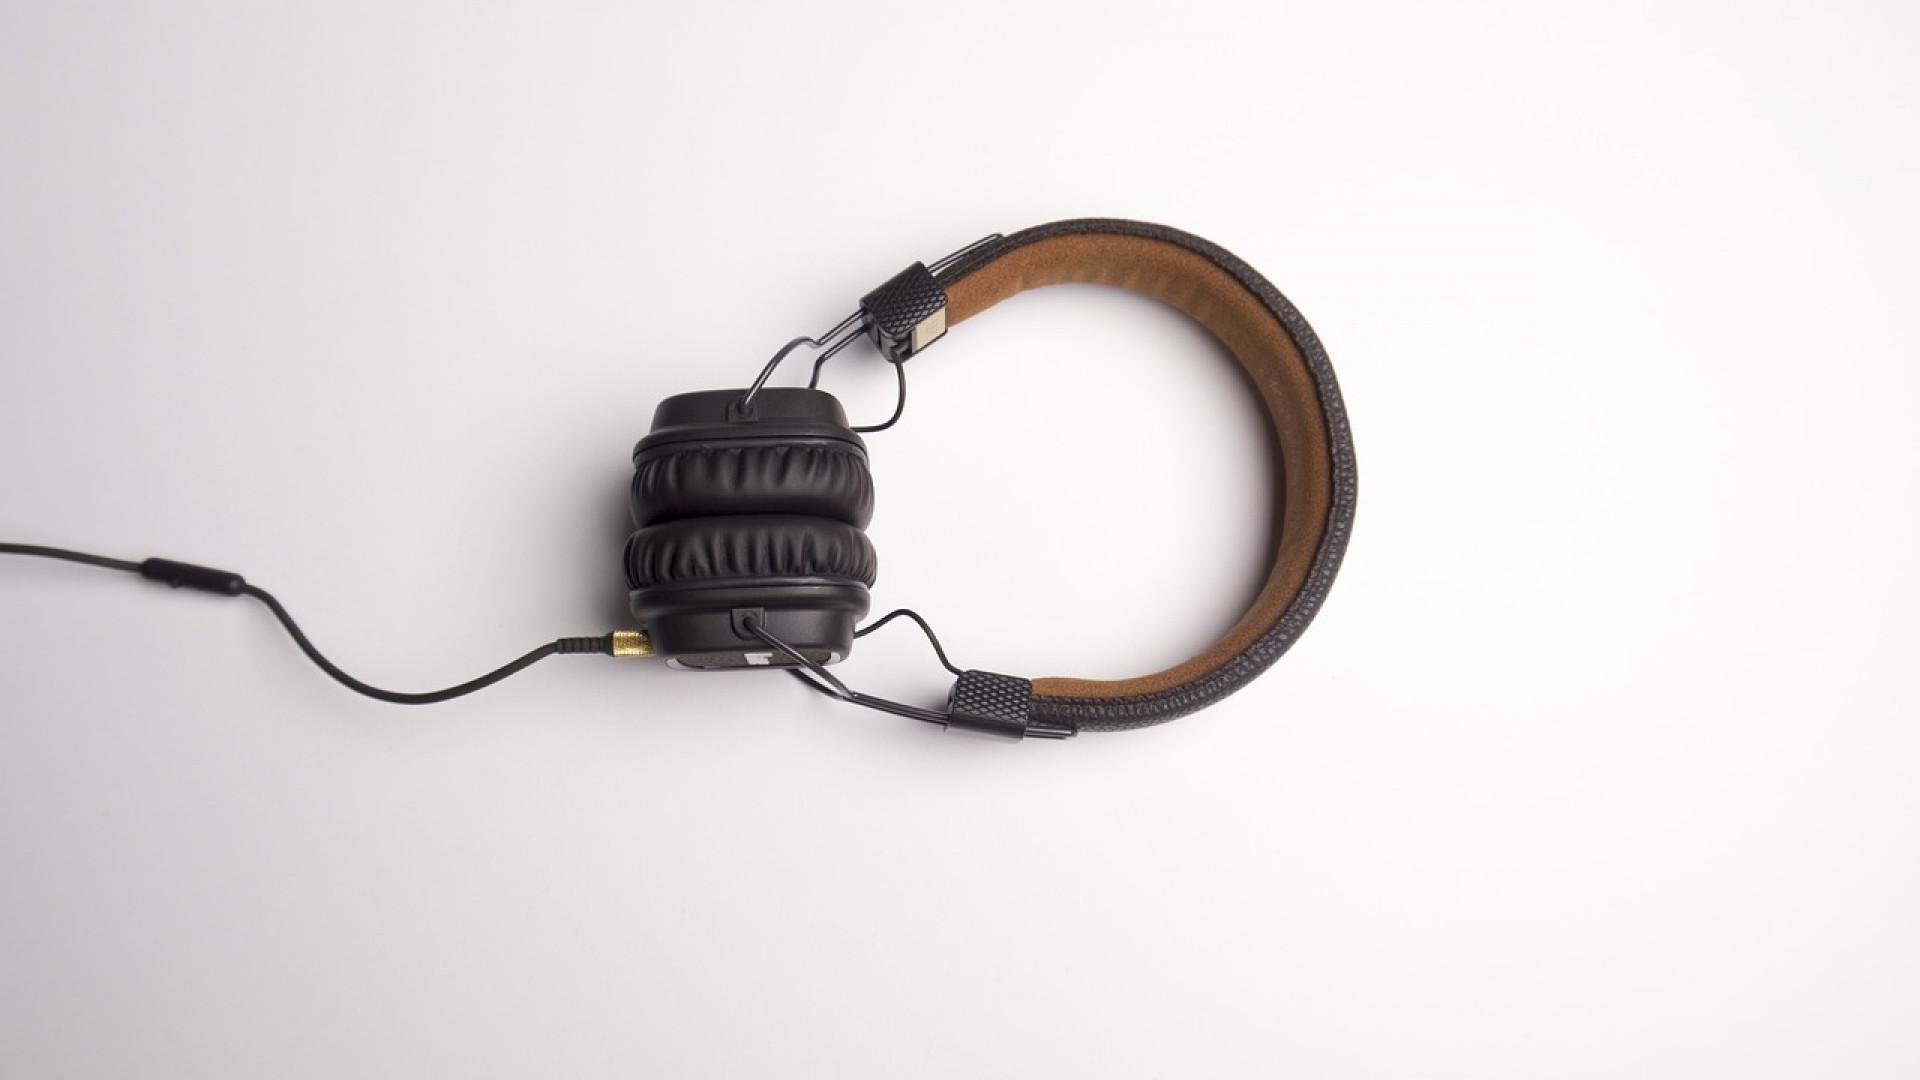 Quels sont les points forts d'un casque anti bruit ?